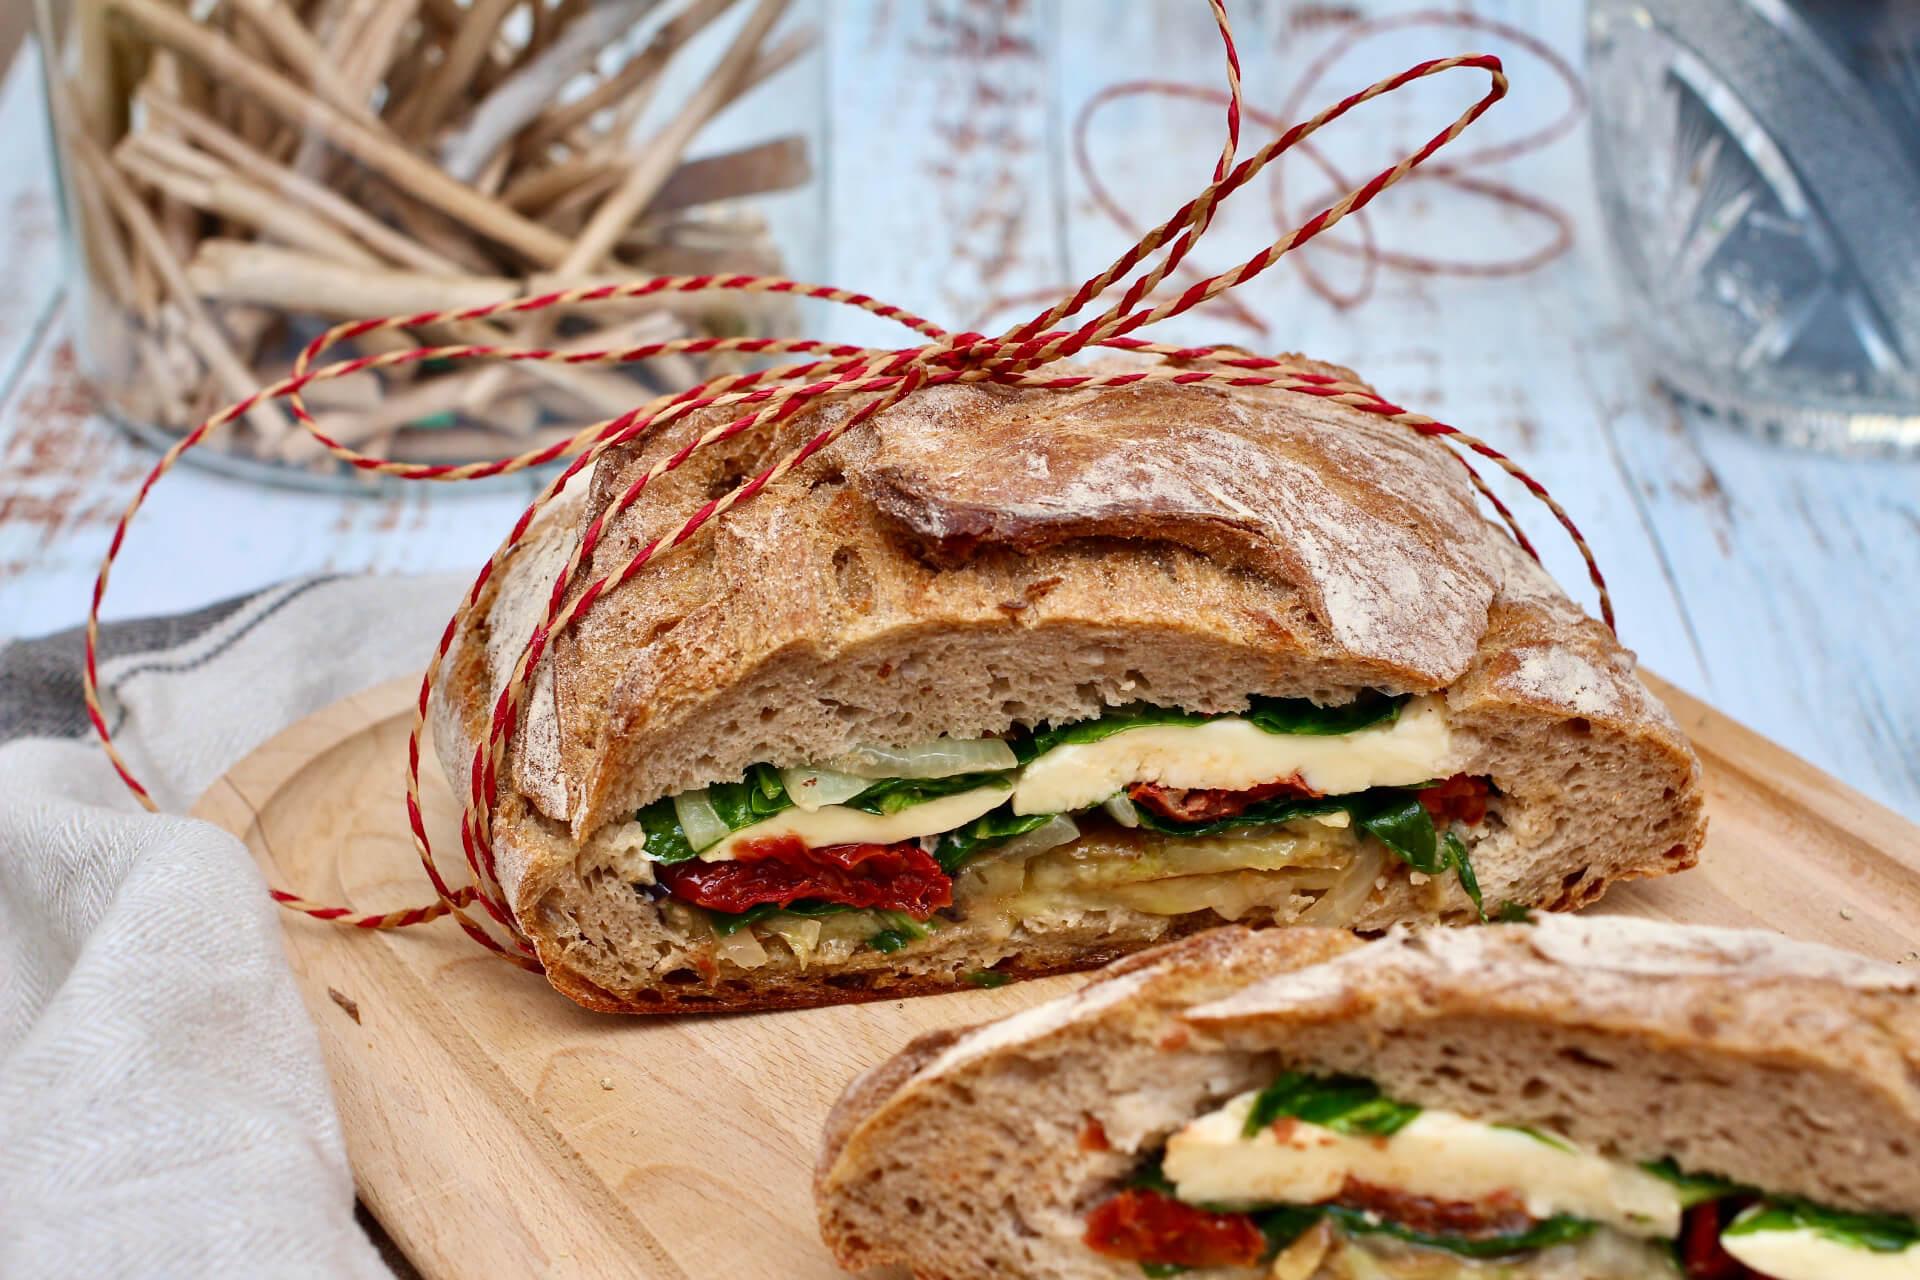 Picknickbrot gefüllt mit Gemüse